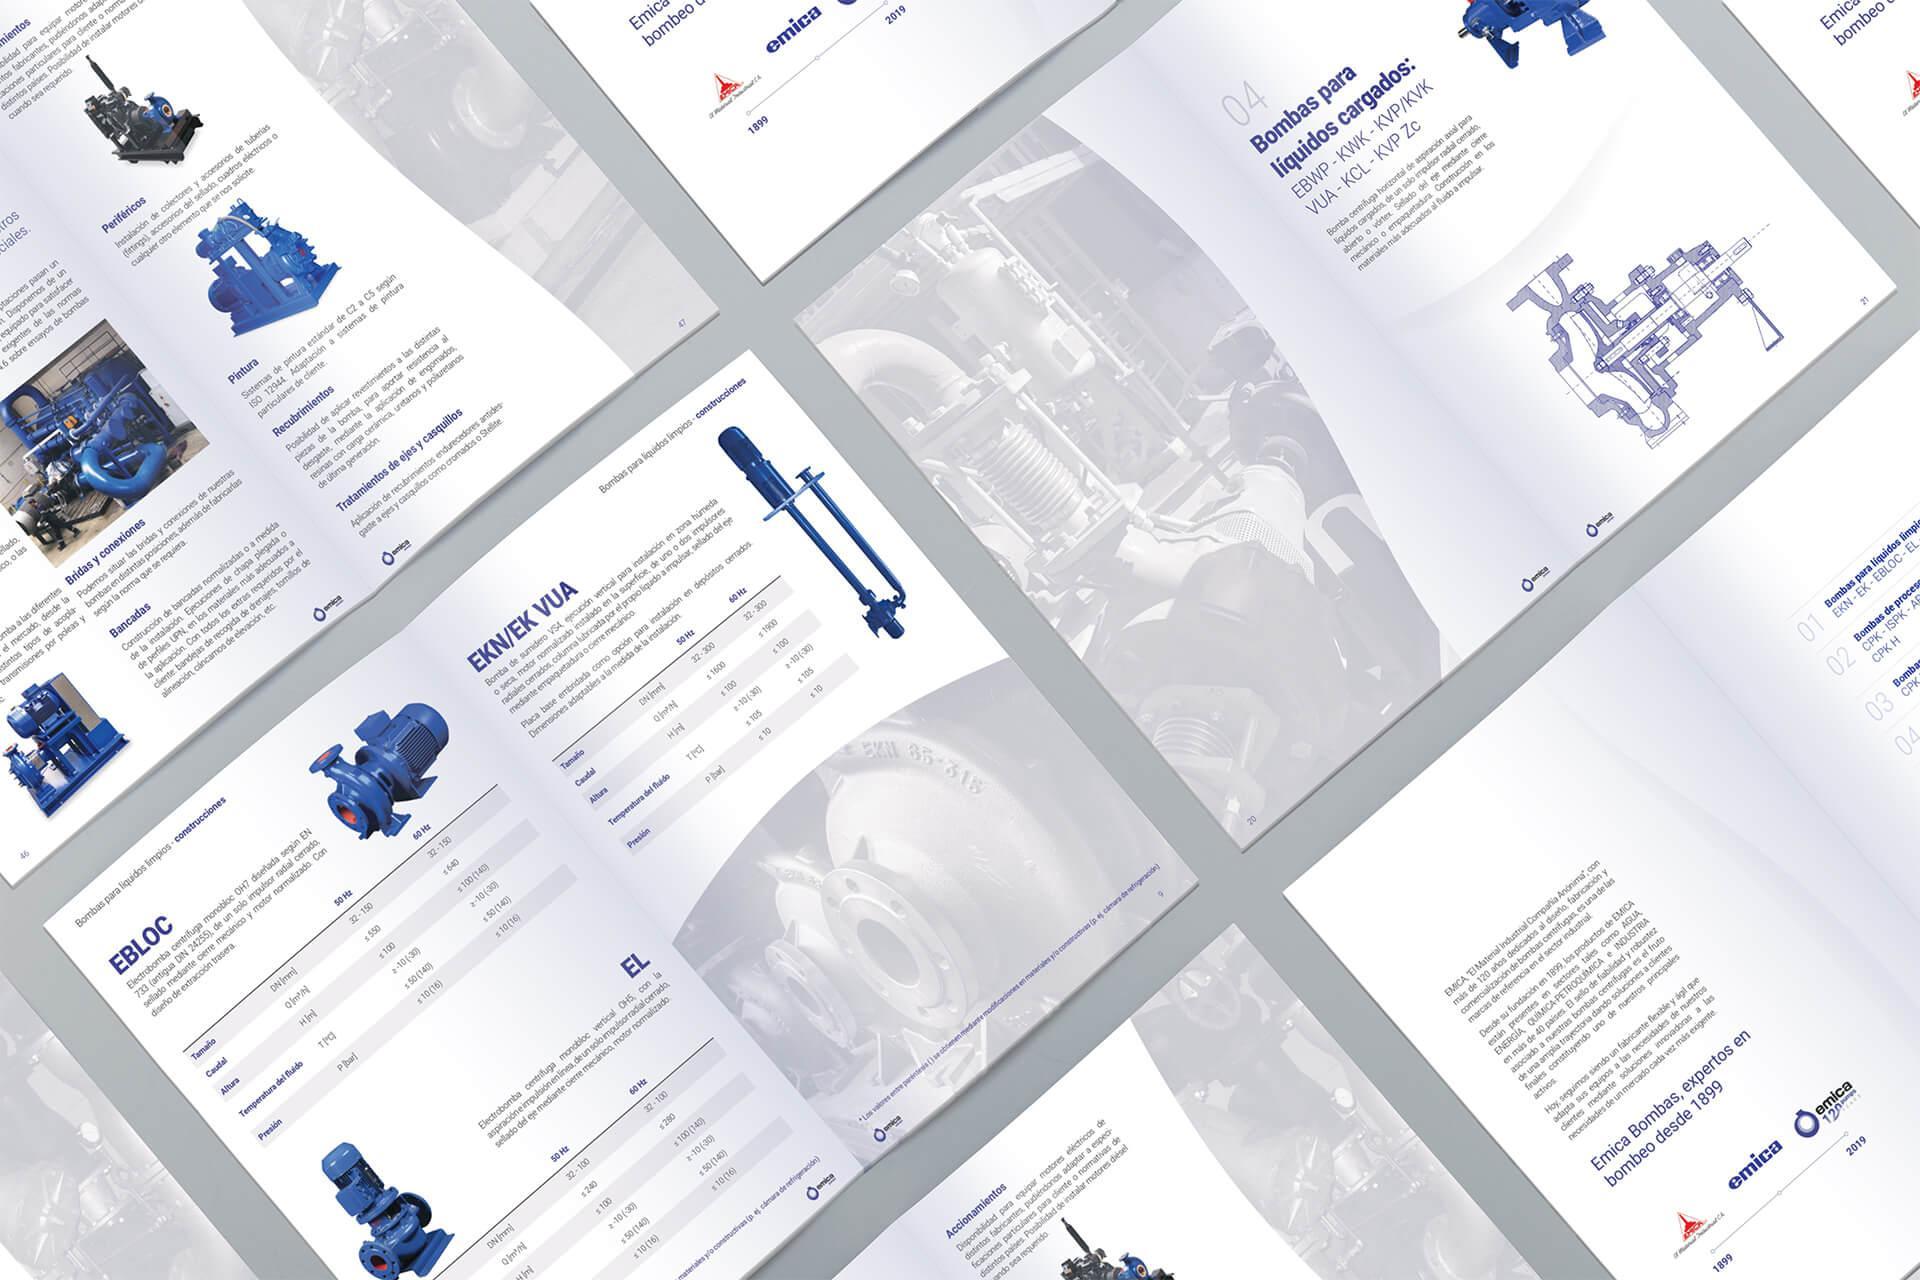 nuevo catálogo de soluciones de bombeo 2021 EMICA